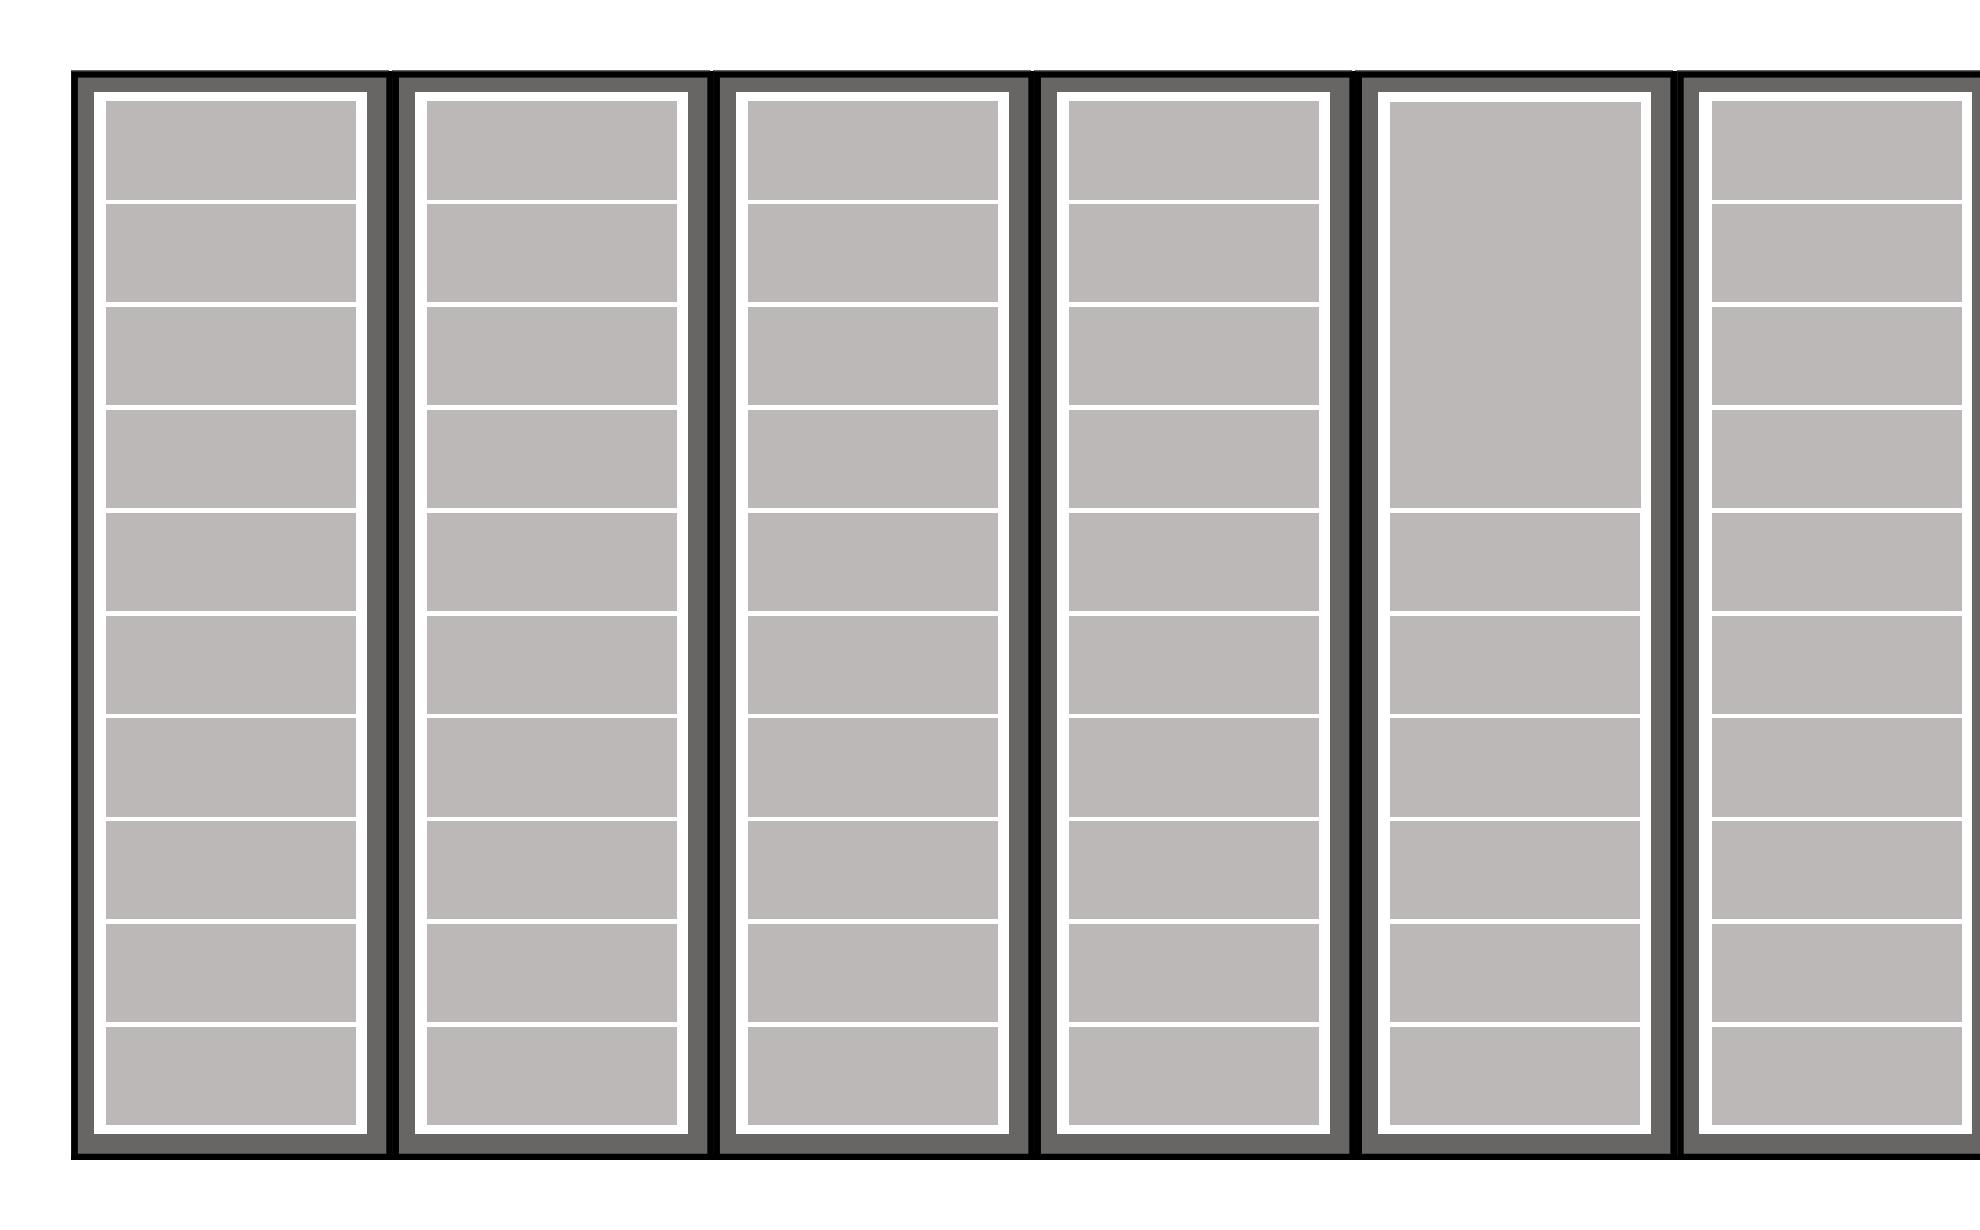 www/floormap/mrc3fl-4.jpg